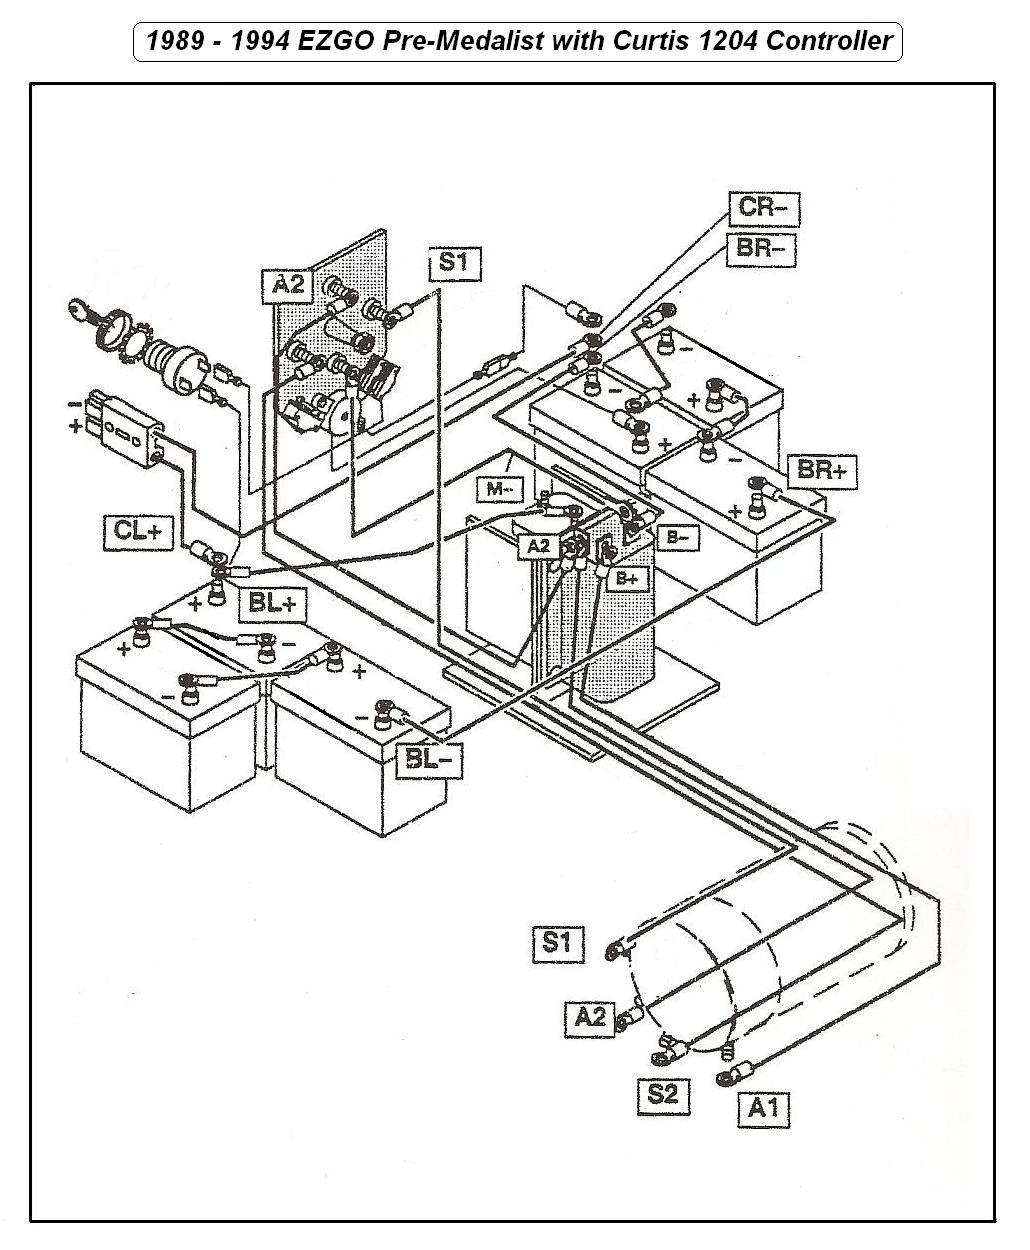 ezgo motor wiring diagram schematics wiring diagrams u2022 rh seniorlivinguniversity co Ezgo Gas Golf Cart Wiring